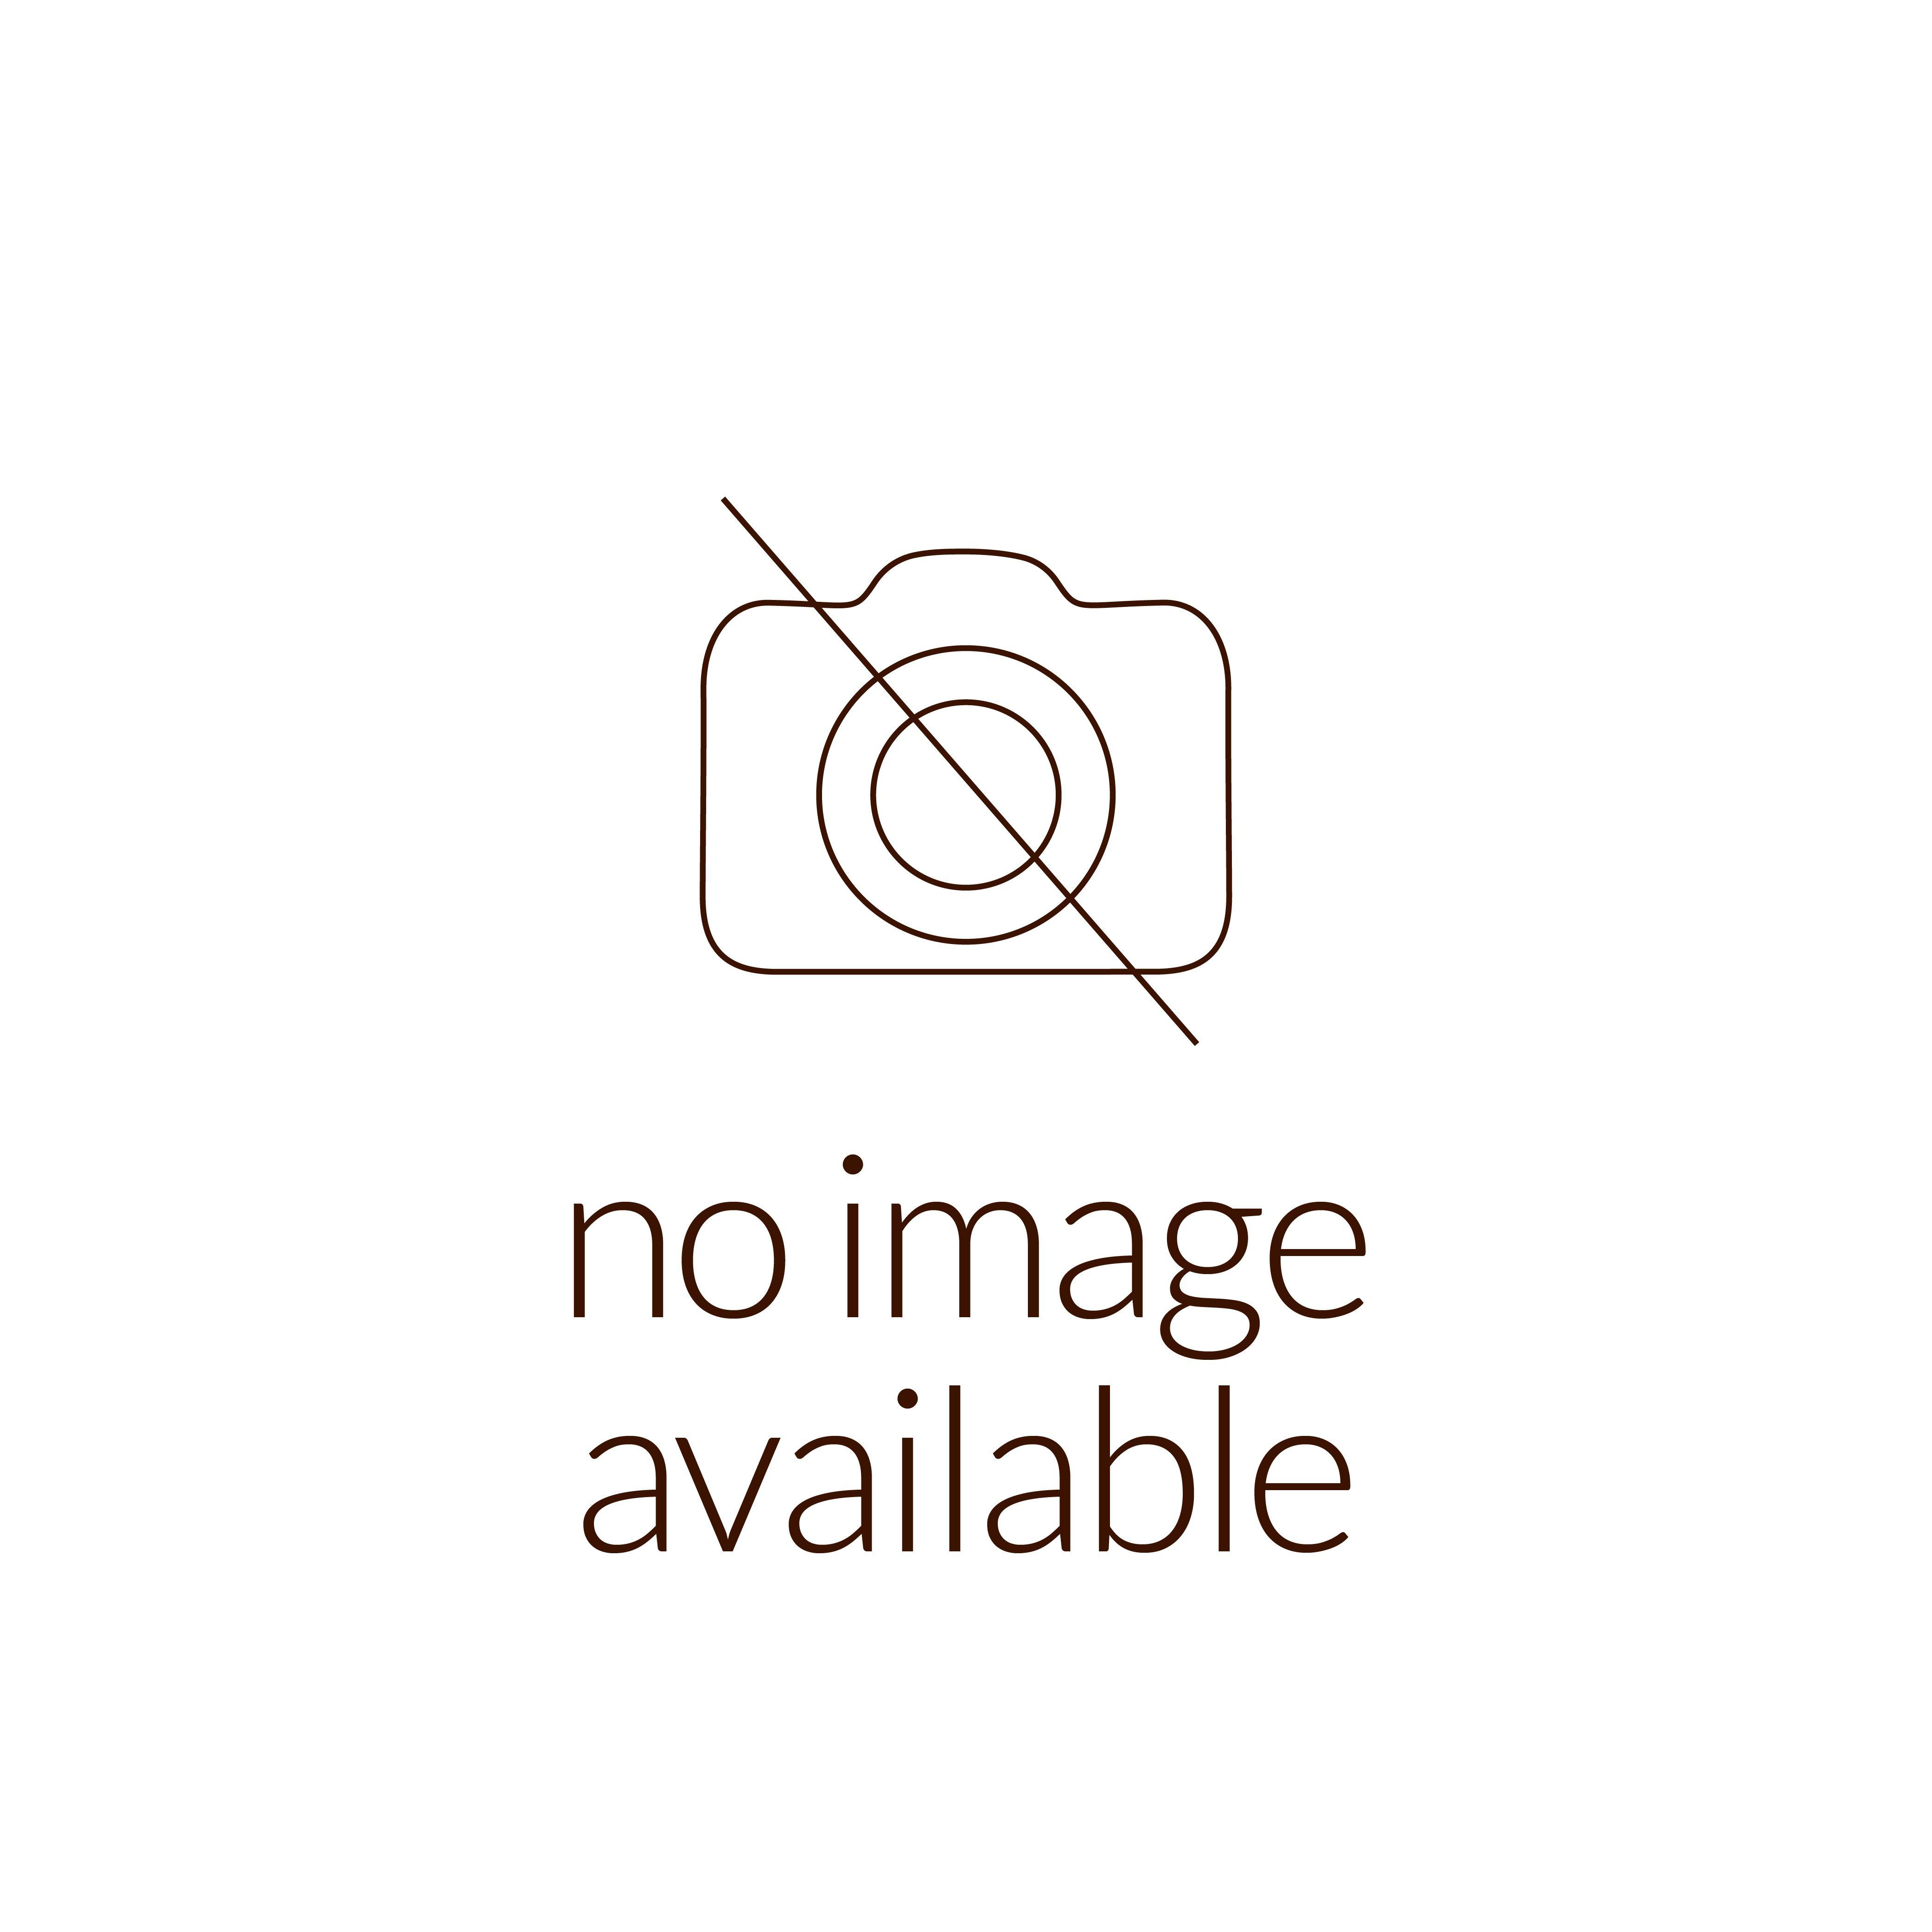 """מדליה ממלכתית, תחנה 11: המסמור לצלב, ארד בציפוי זהב, 39 מ""""מ, 26.2 גרם - צד הנושא"""